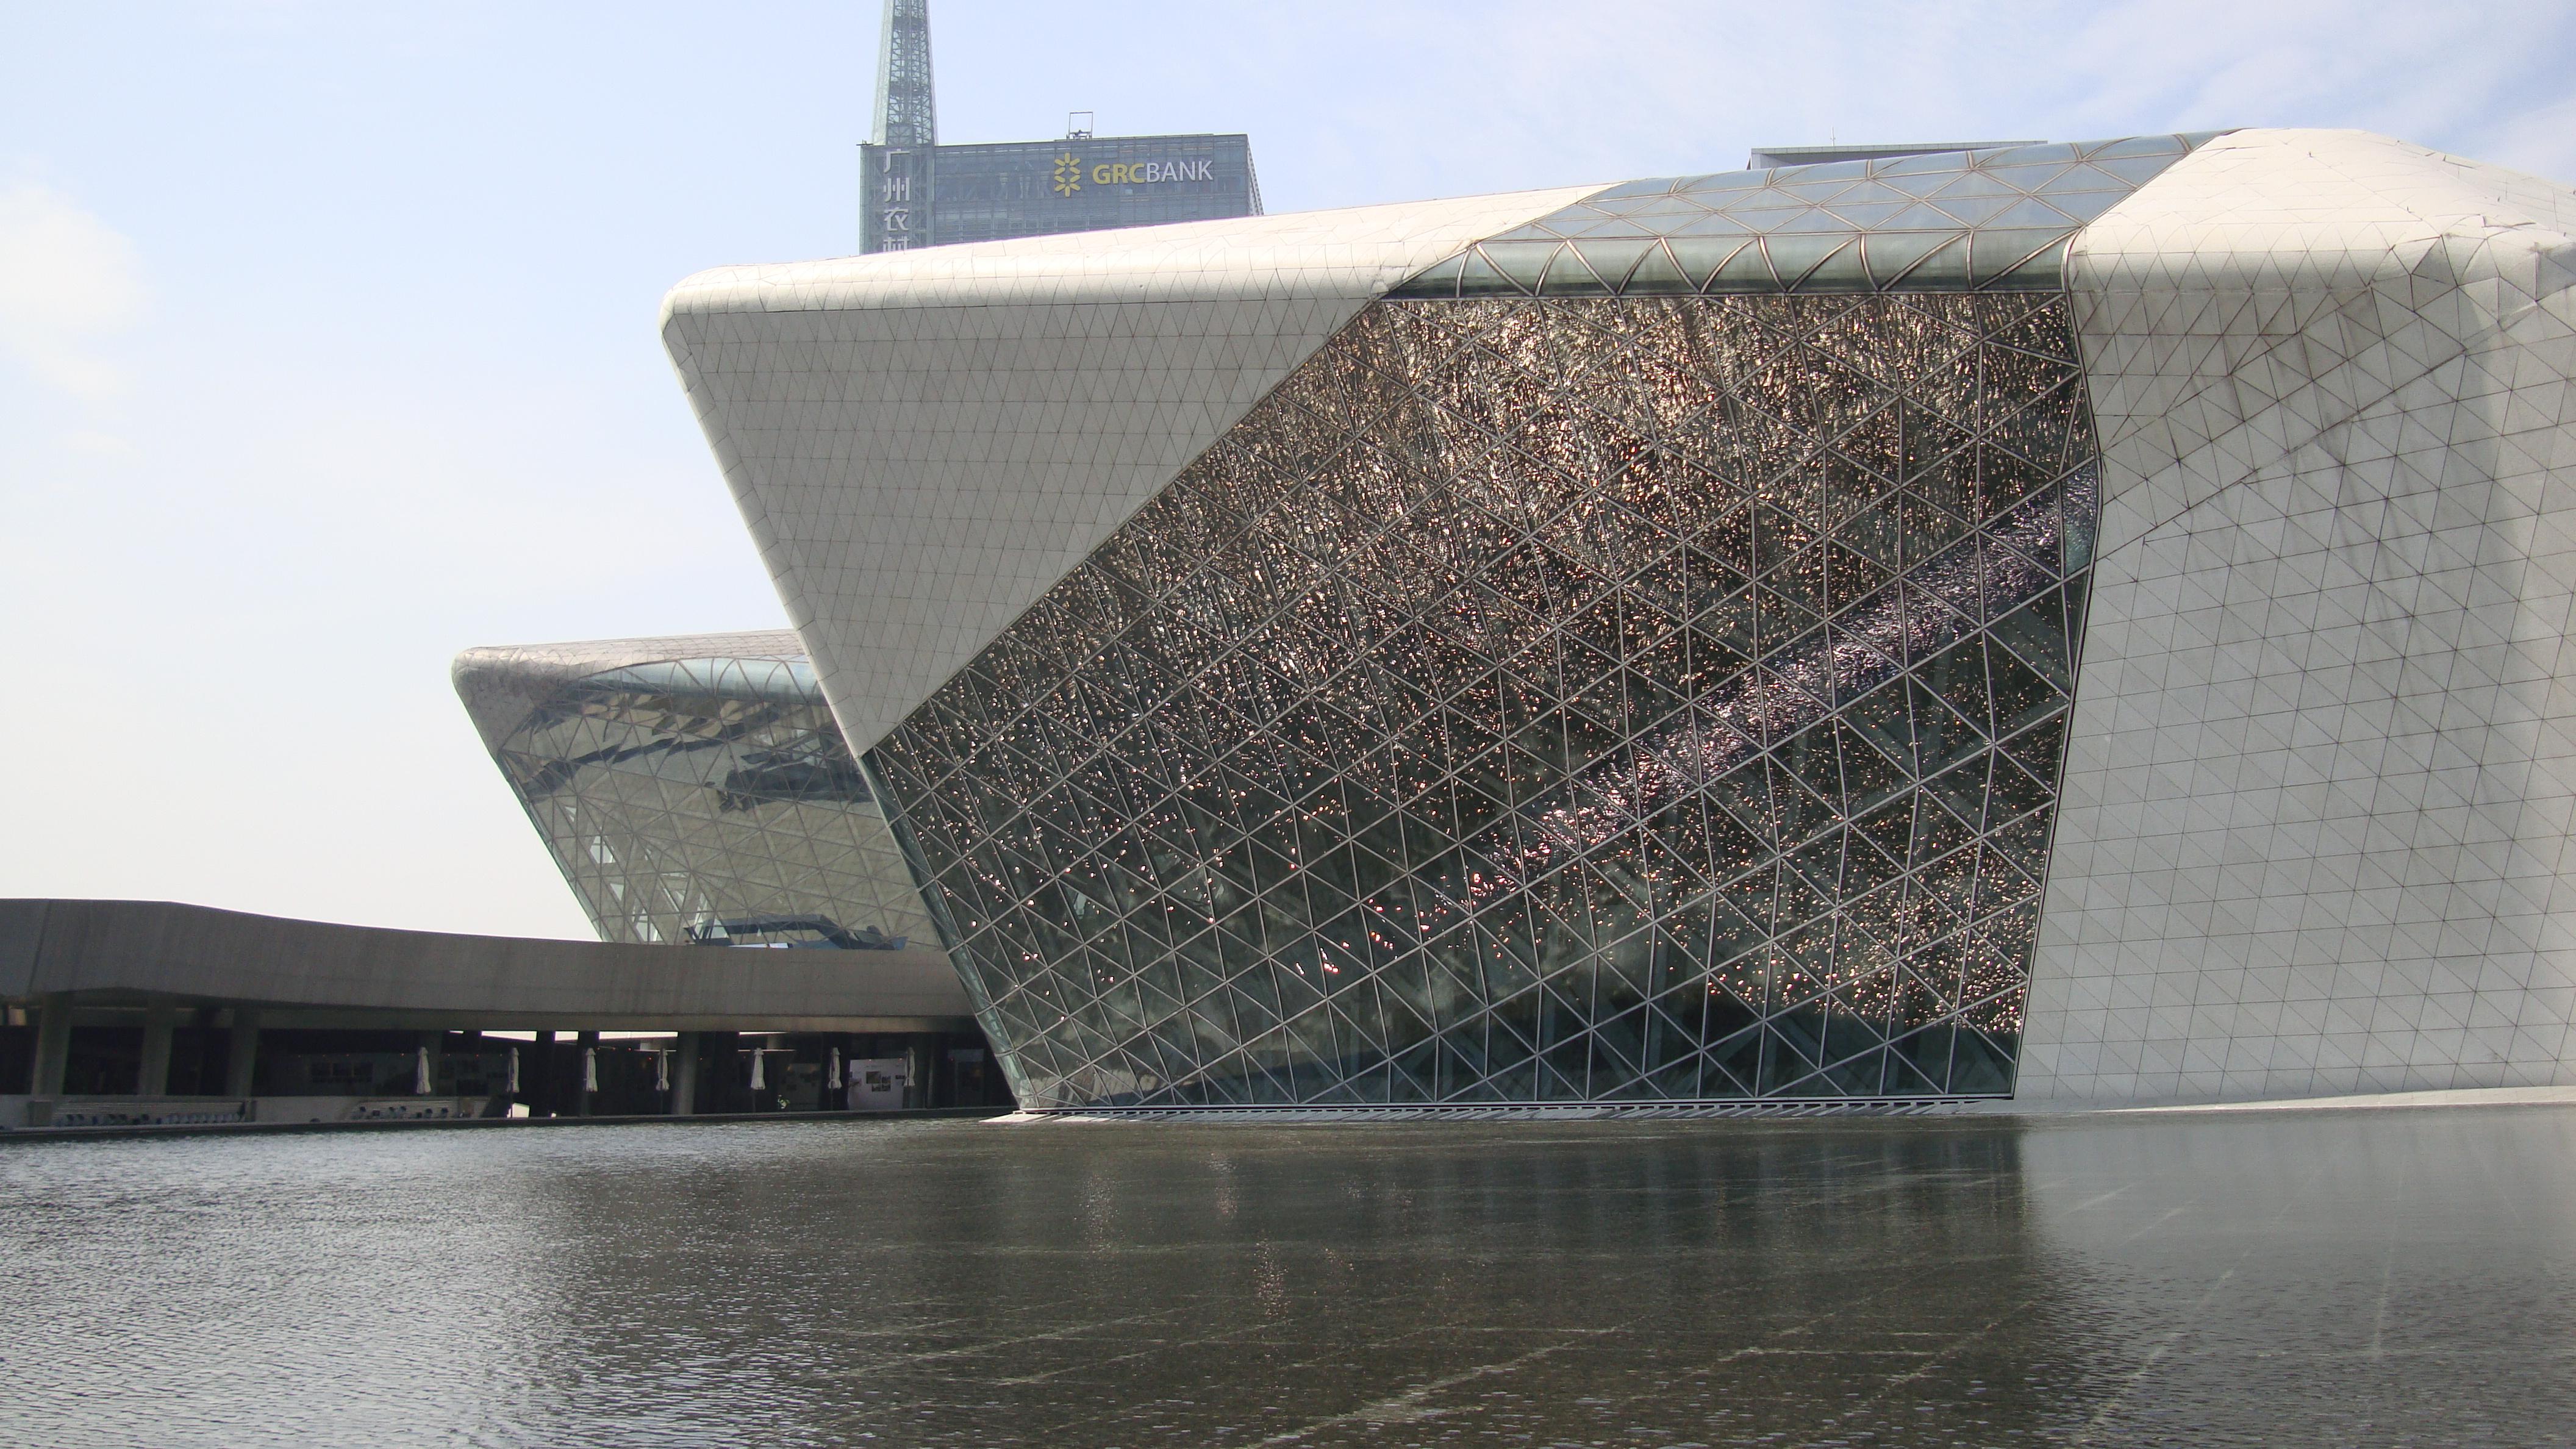 проект-схема здания оперы в г.сидней